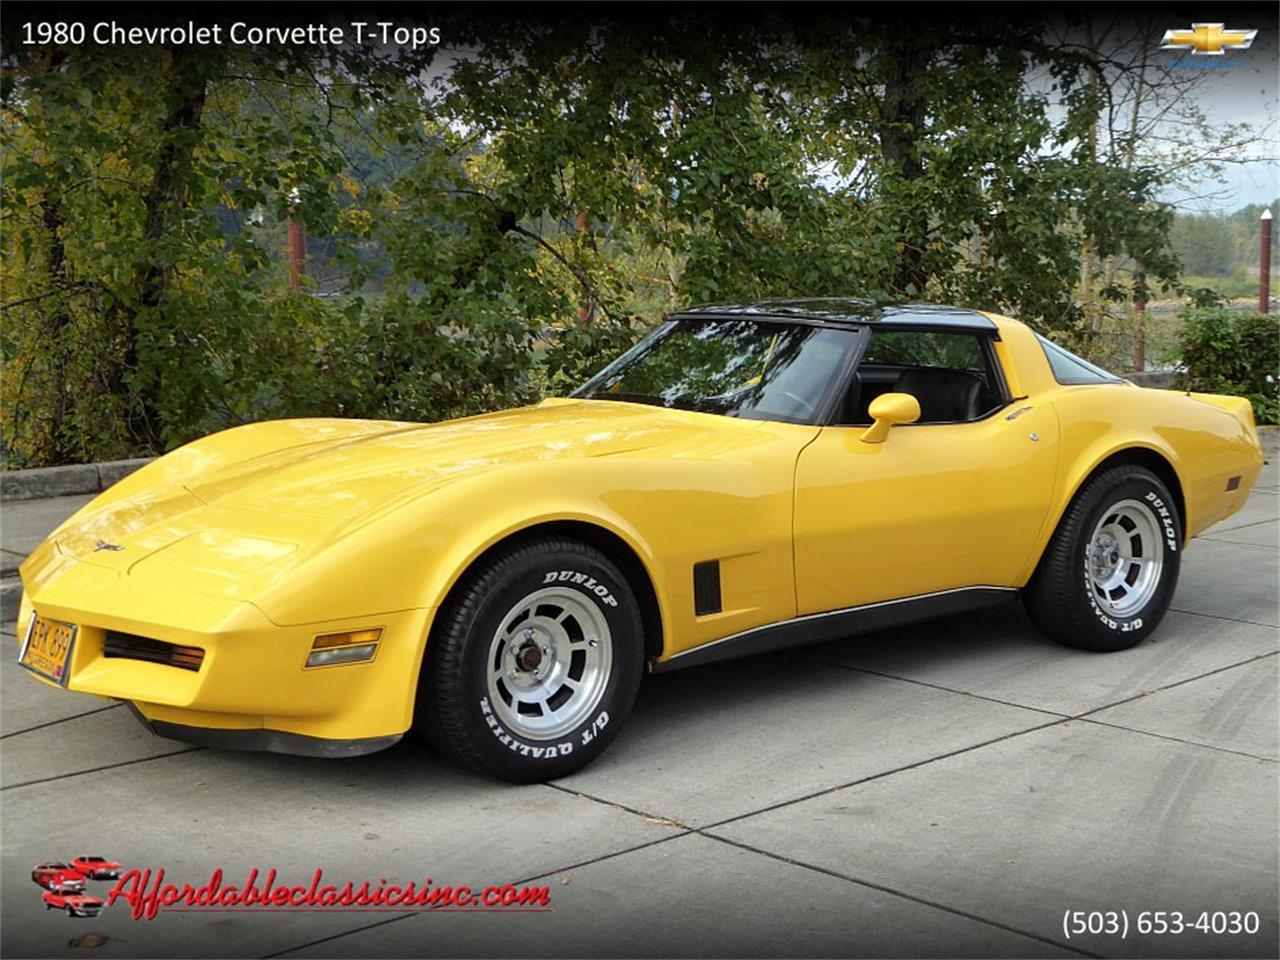 1980 Corvette For Sale >> 1980 Chevrolet Corvette For Sale Classiccars Com Cc 1192042